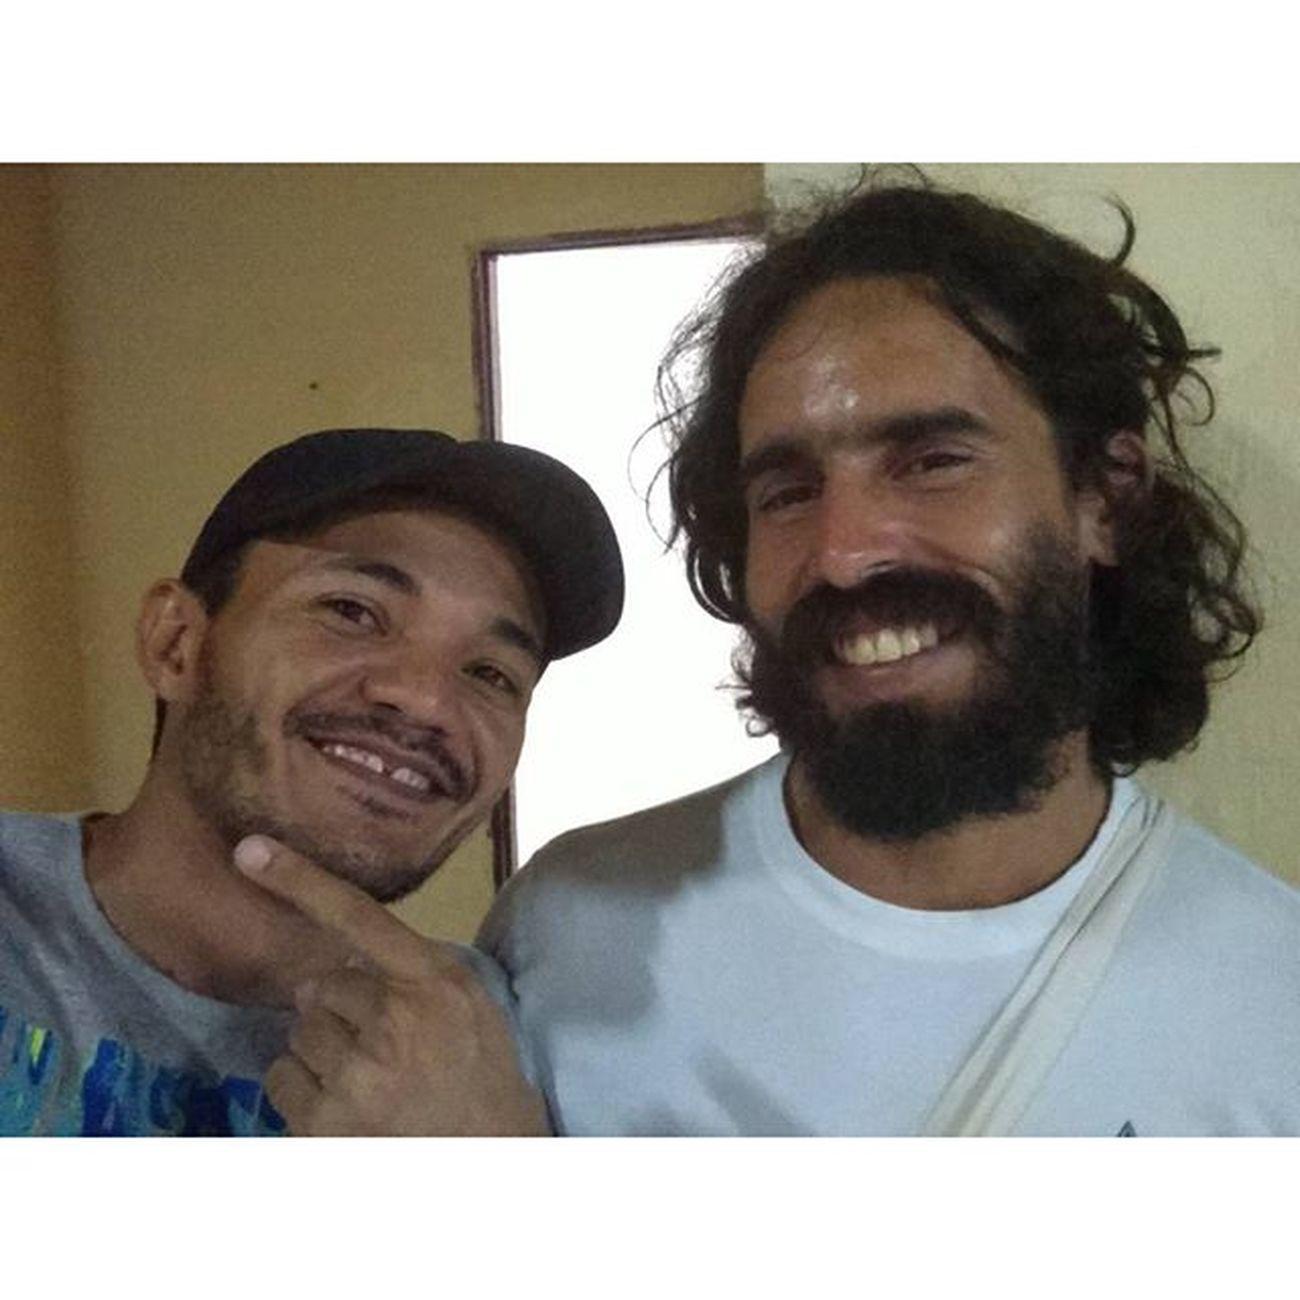 Com meu parceiro, Bernardo . Show de bola, o rolezinho de ontem. ✌👍